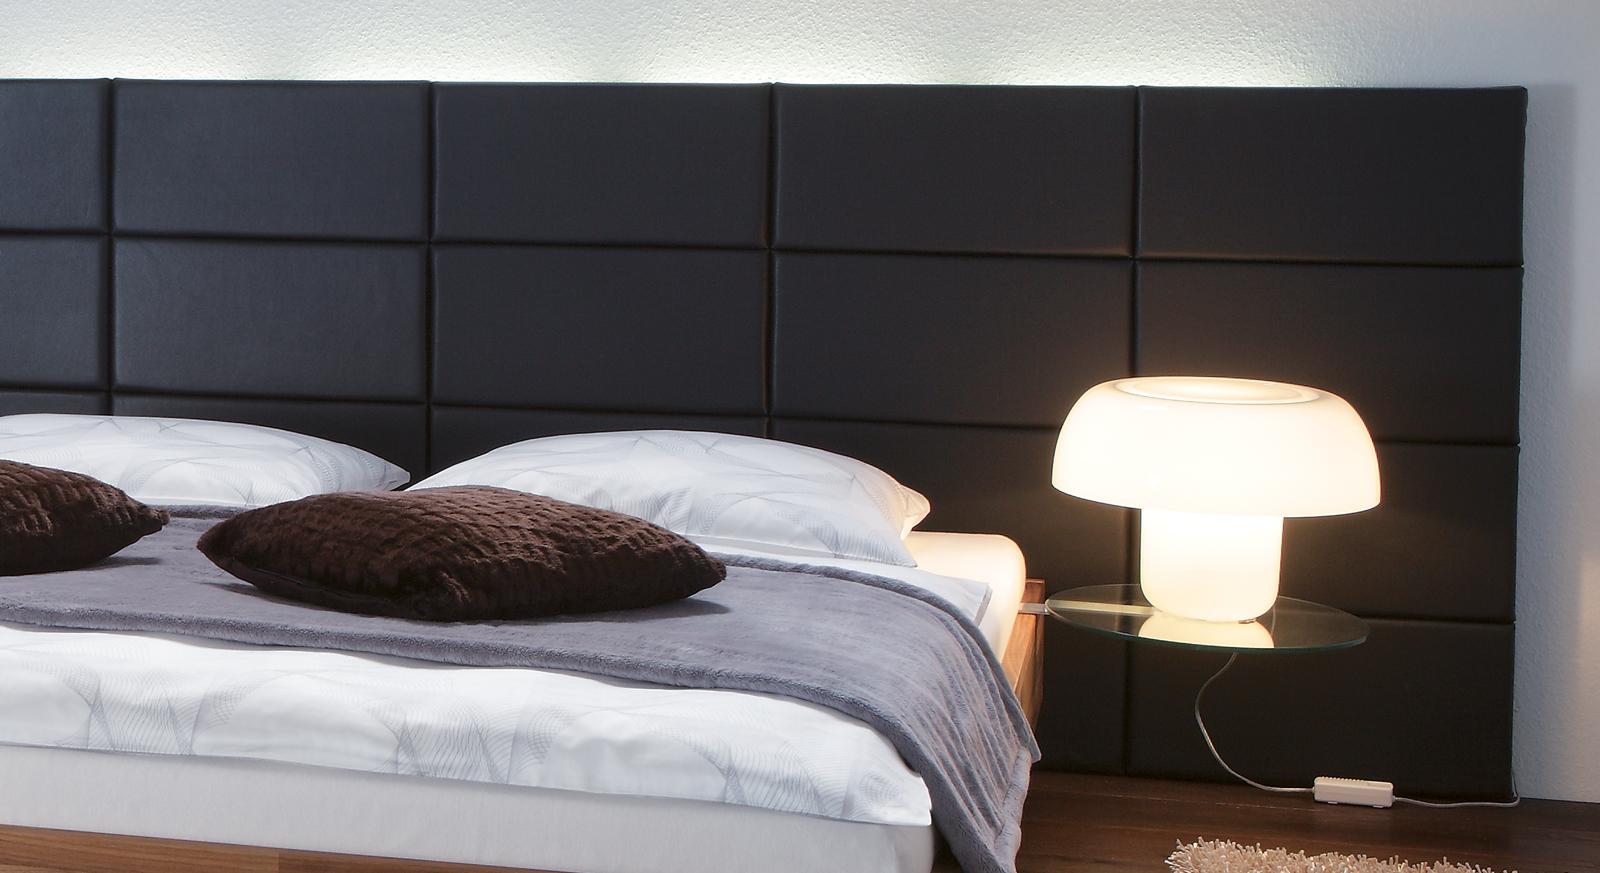 Bett Rio mit Wandpaneel aus schwarzem Kunstleder